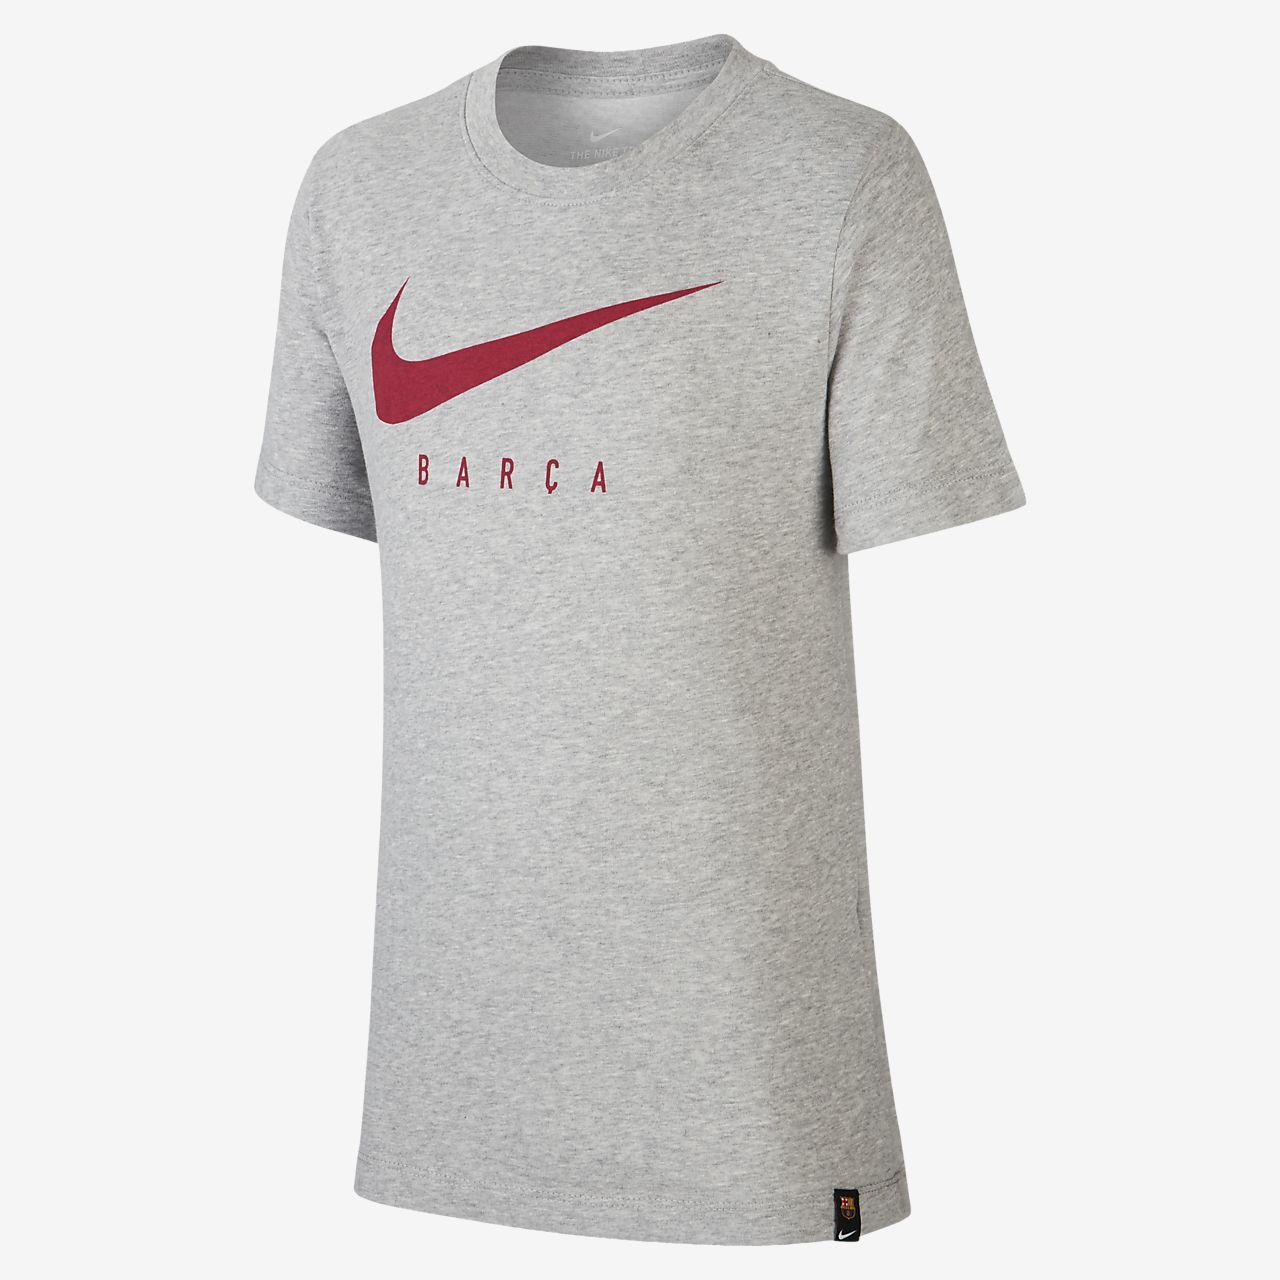 Ποδοσφαιρικό T-Shirt Nike Dri-FIT FC Barcelona για μεγάλα παιδιά